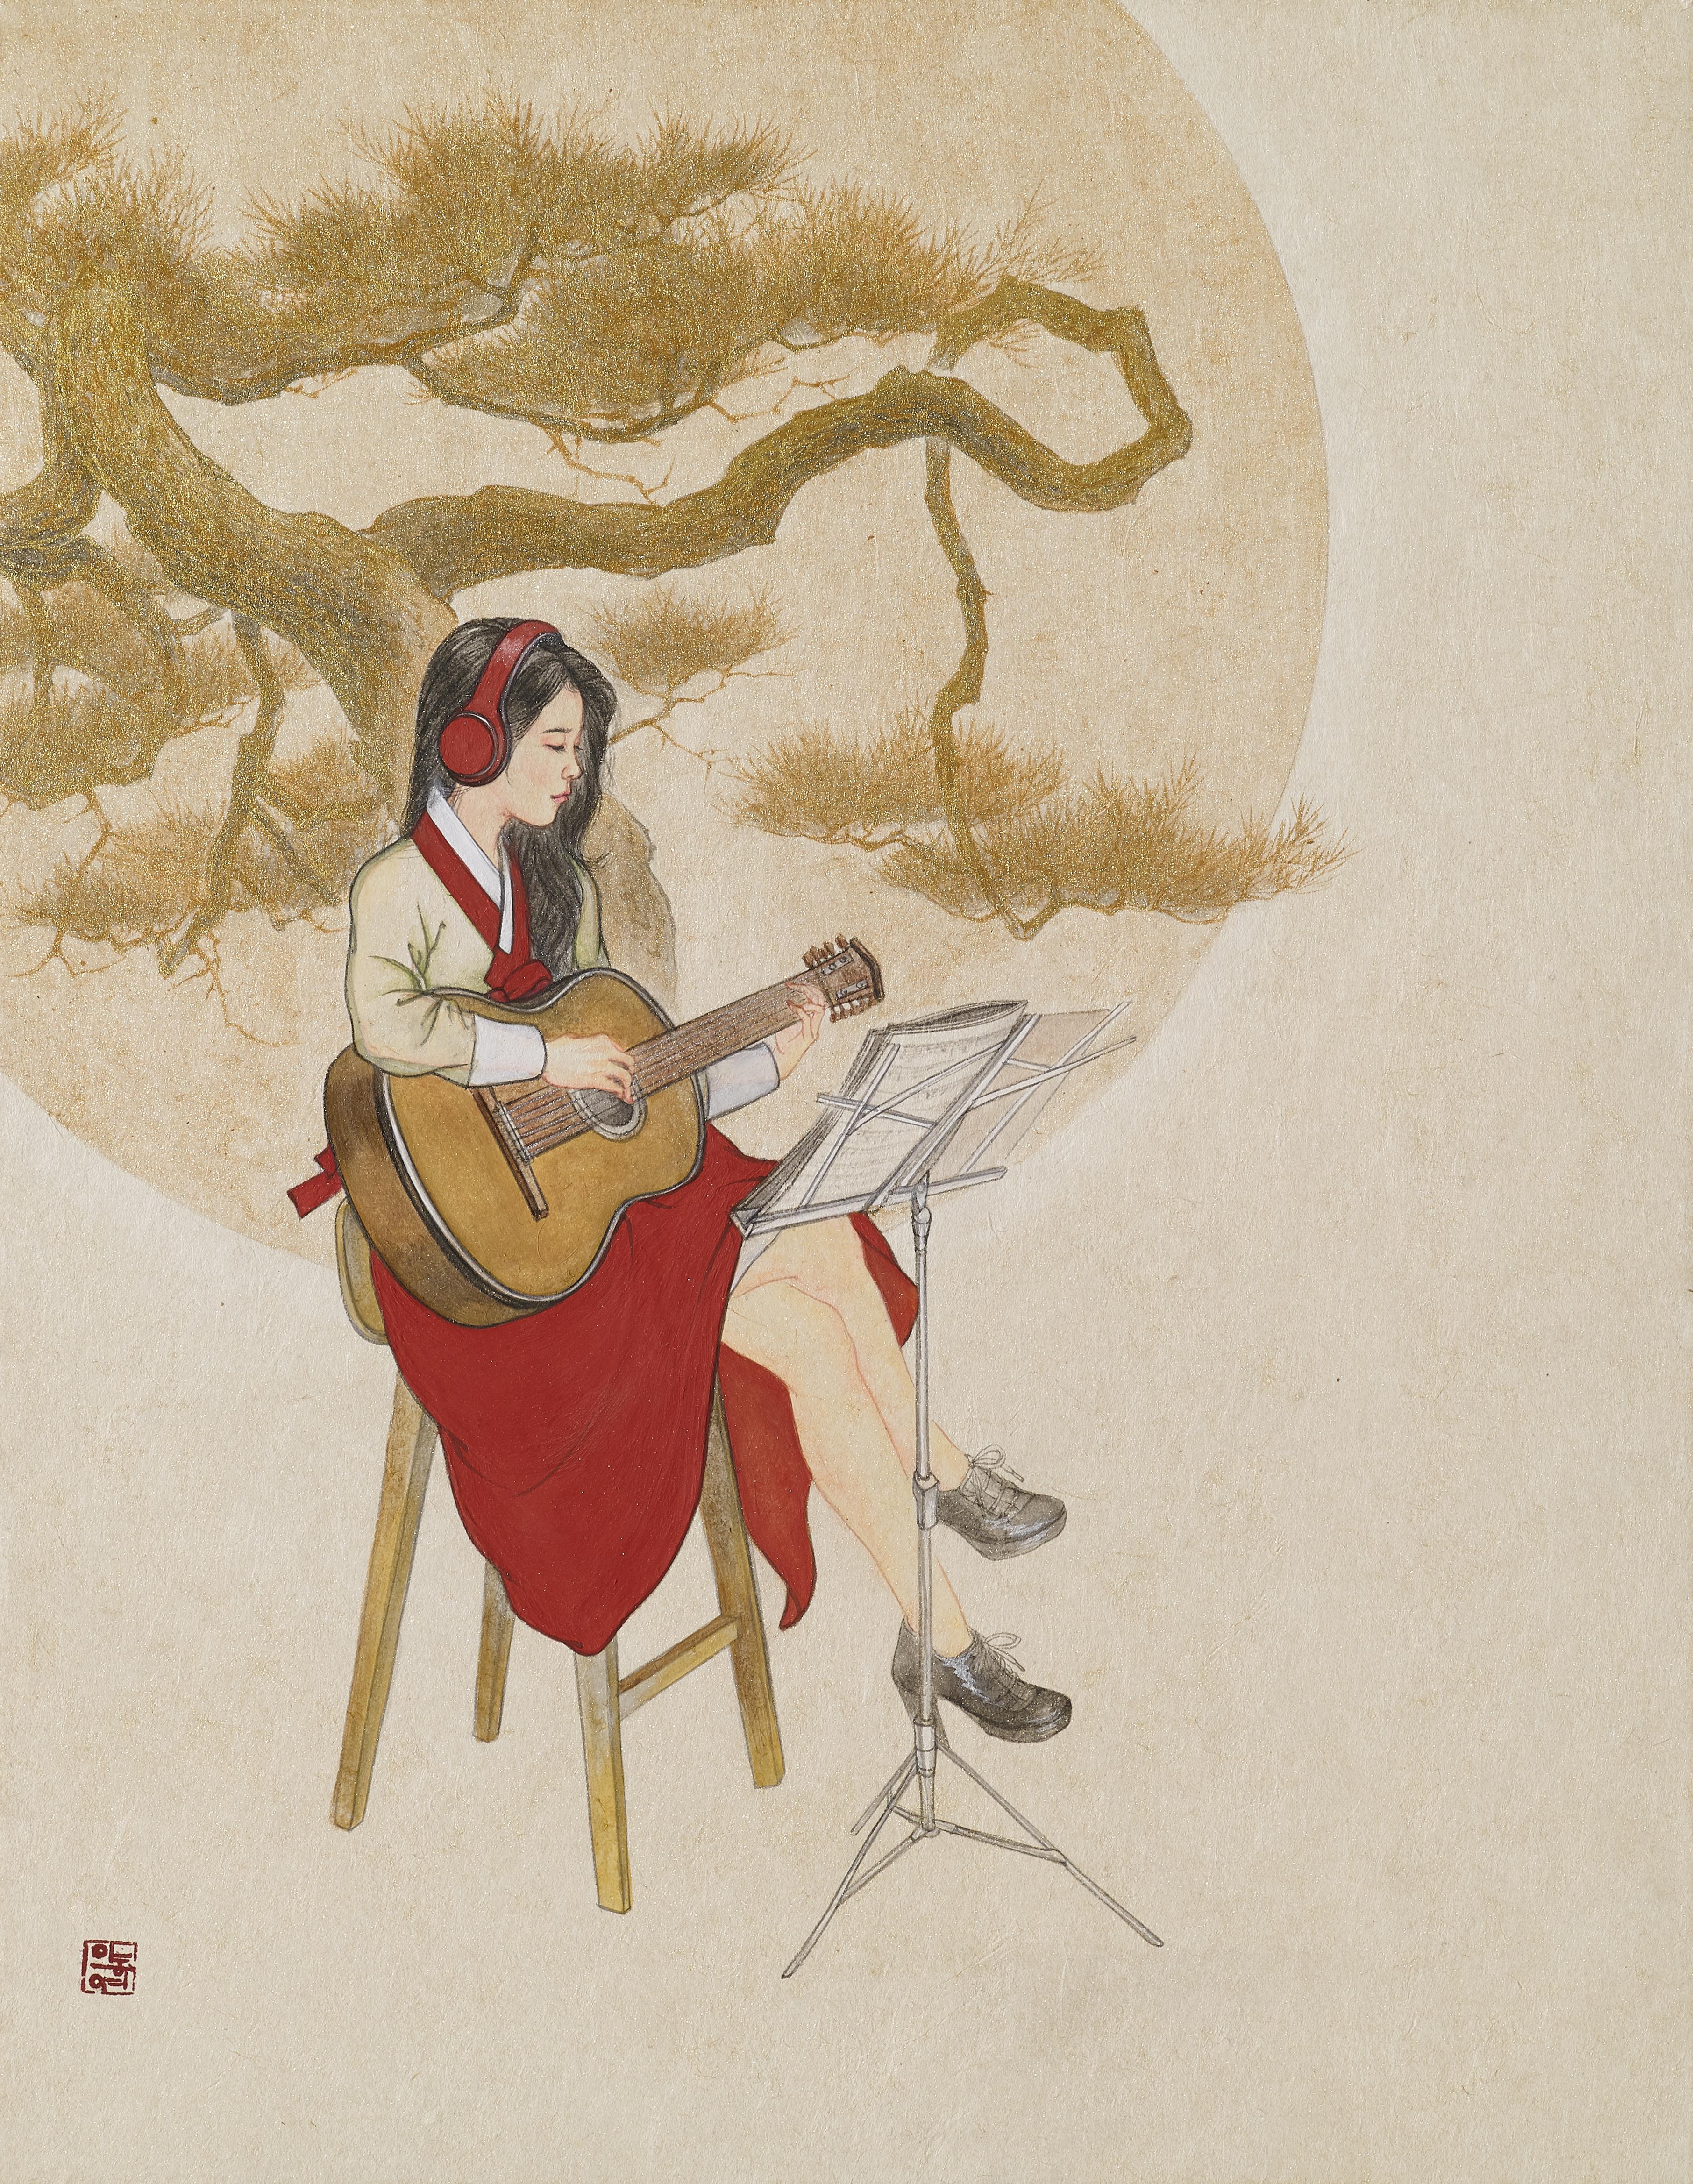 이동연_월하탄금(月下彈琴).31.8x40.9cm.장지,석채, 금분